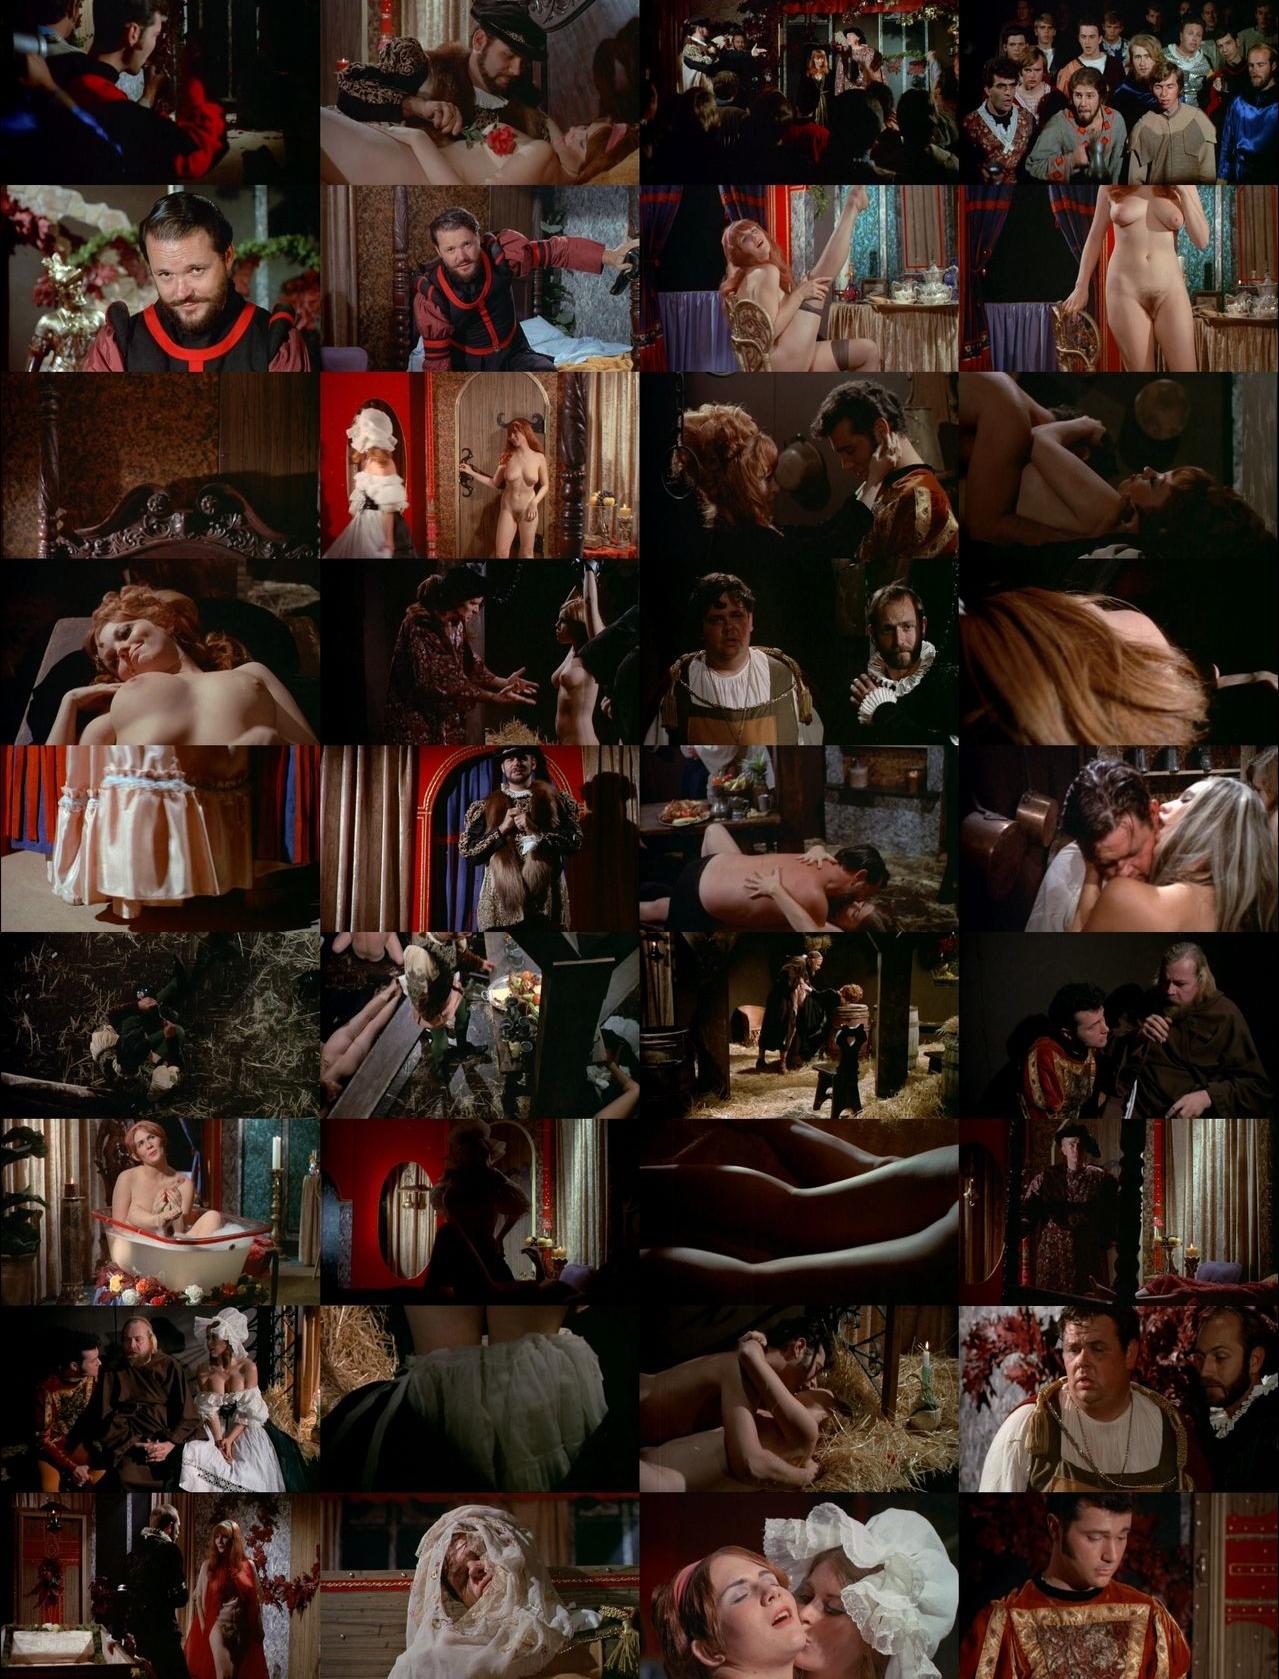 ромео и джульетта порно фильм - 5